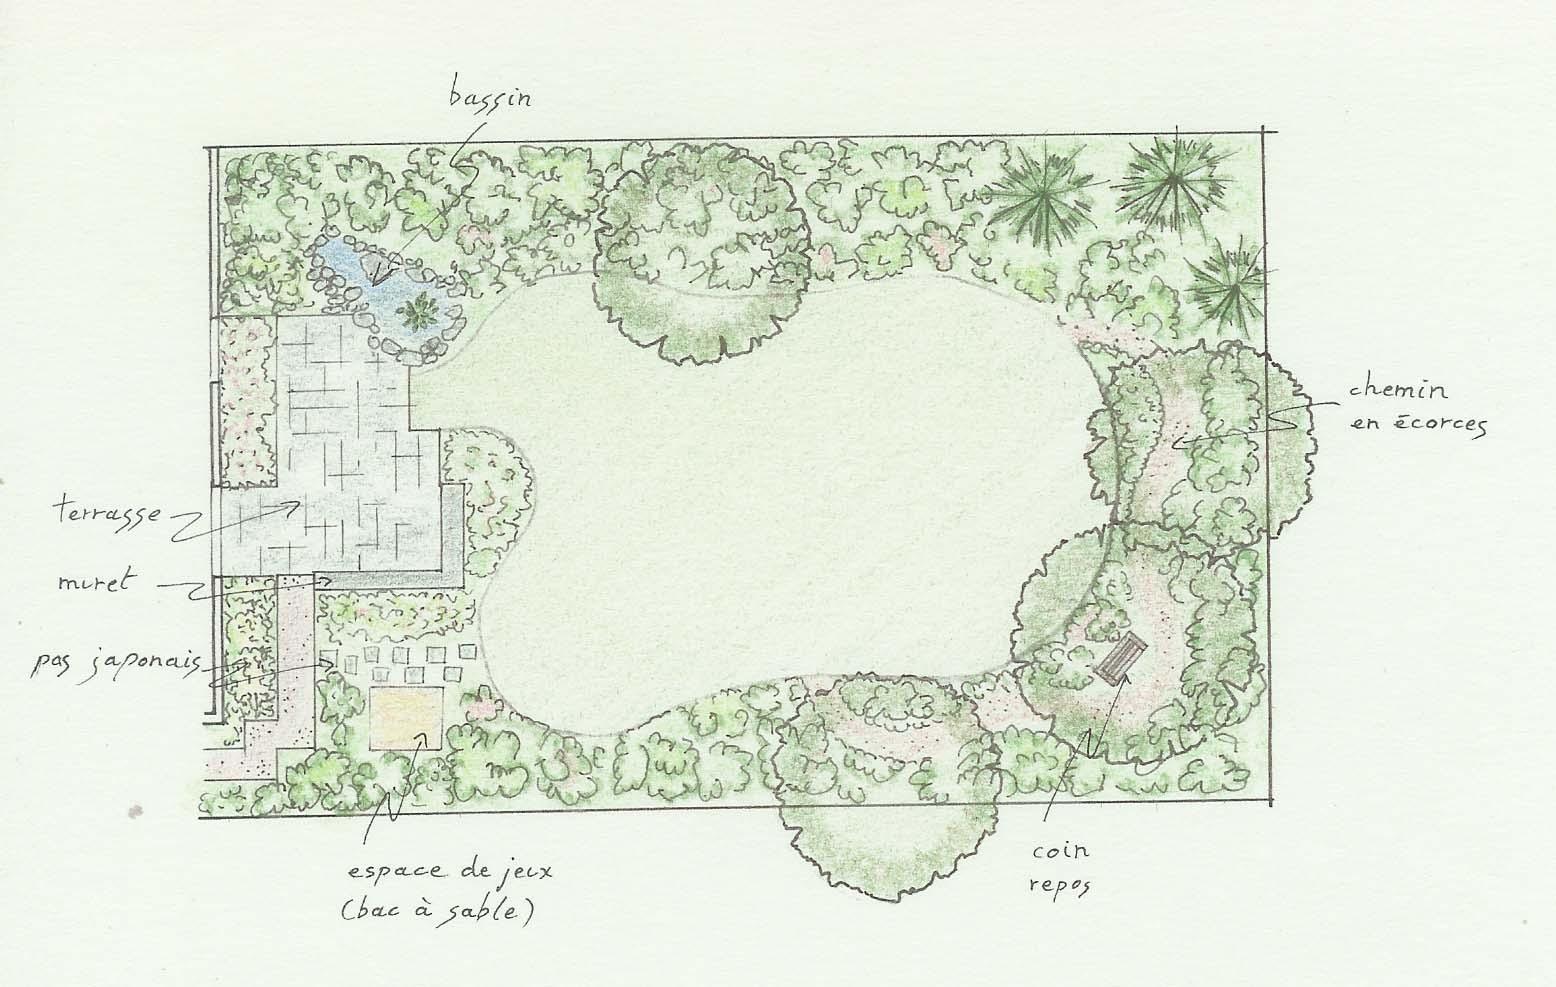 Paysagiste conseil r alise votre plan de jardin personnalis for Plan de jardin